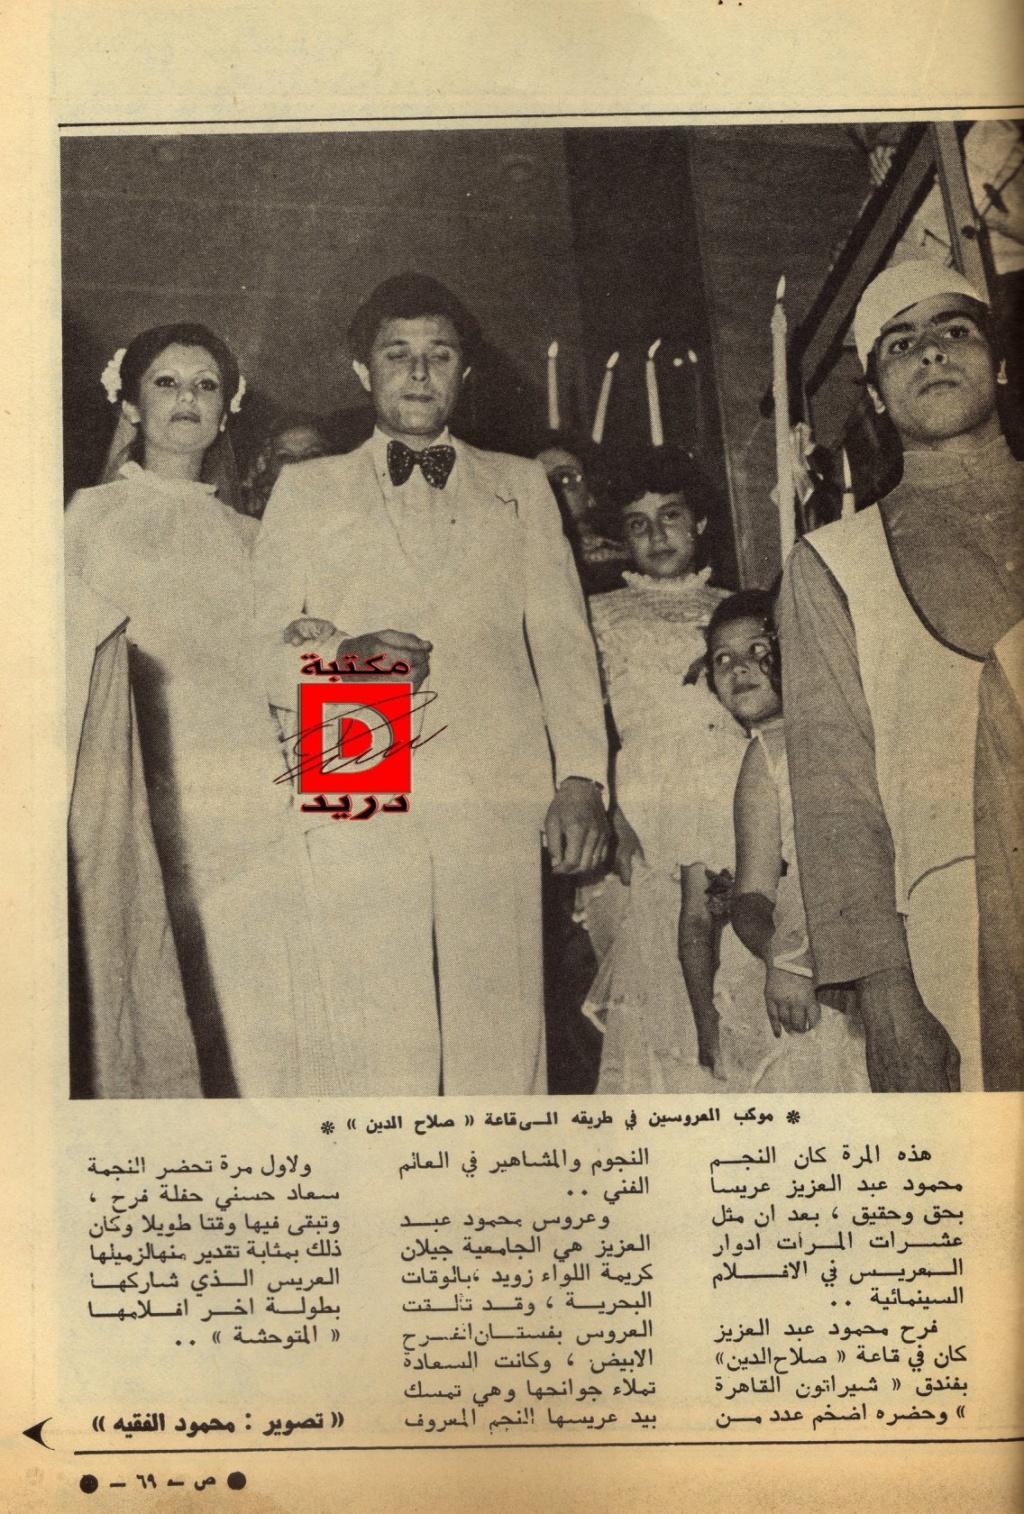 ليلة - مقال صحفي : محمود عبدالعزيز في ليلة فرحه ! 1980 م 226